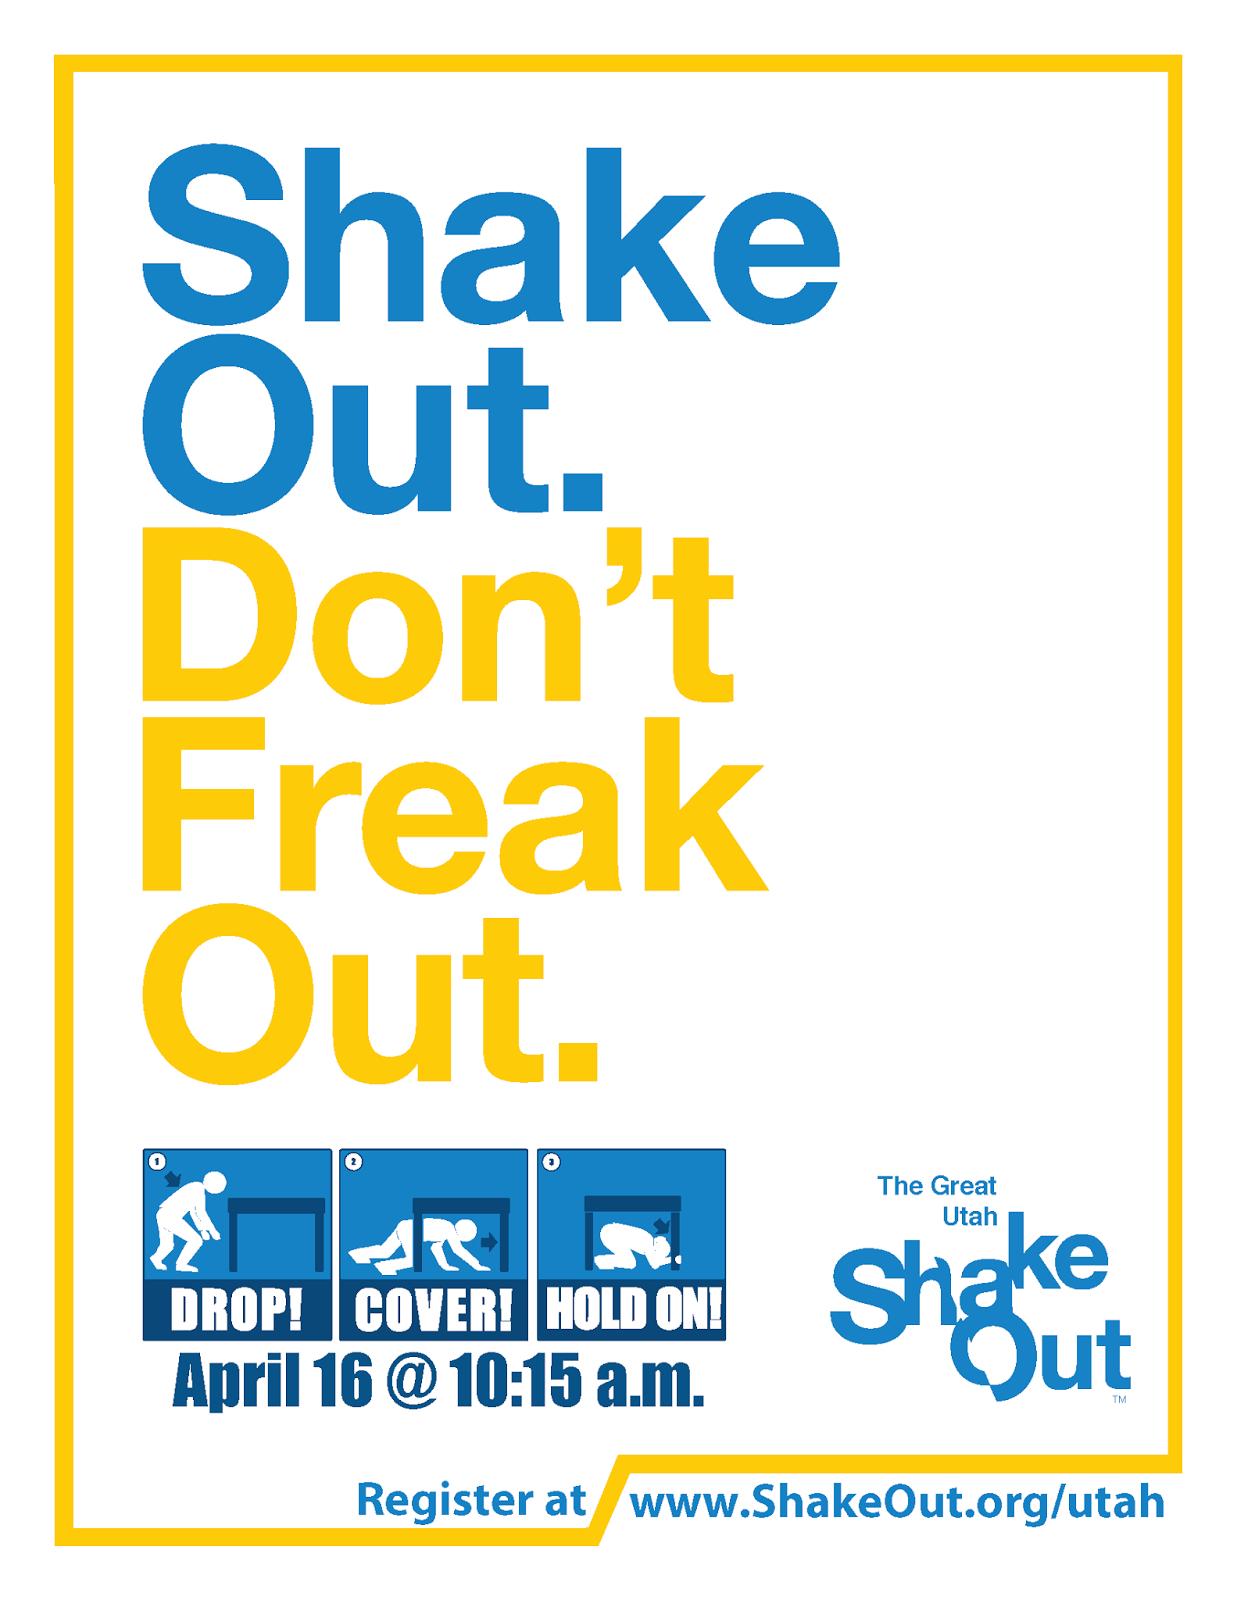 http://shakeout.org/utah/